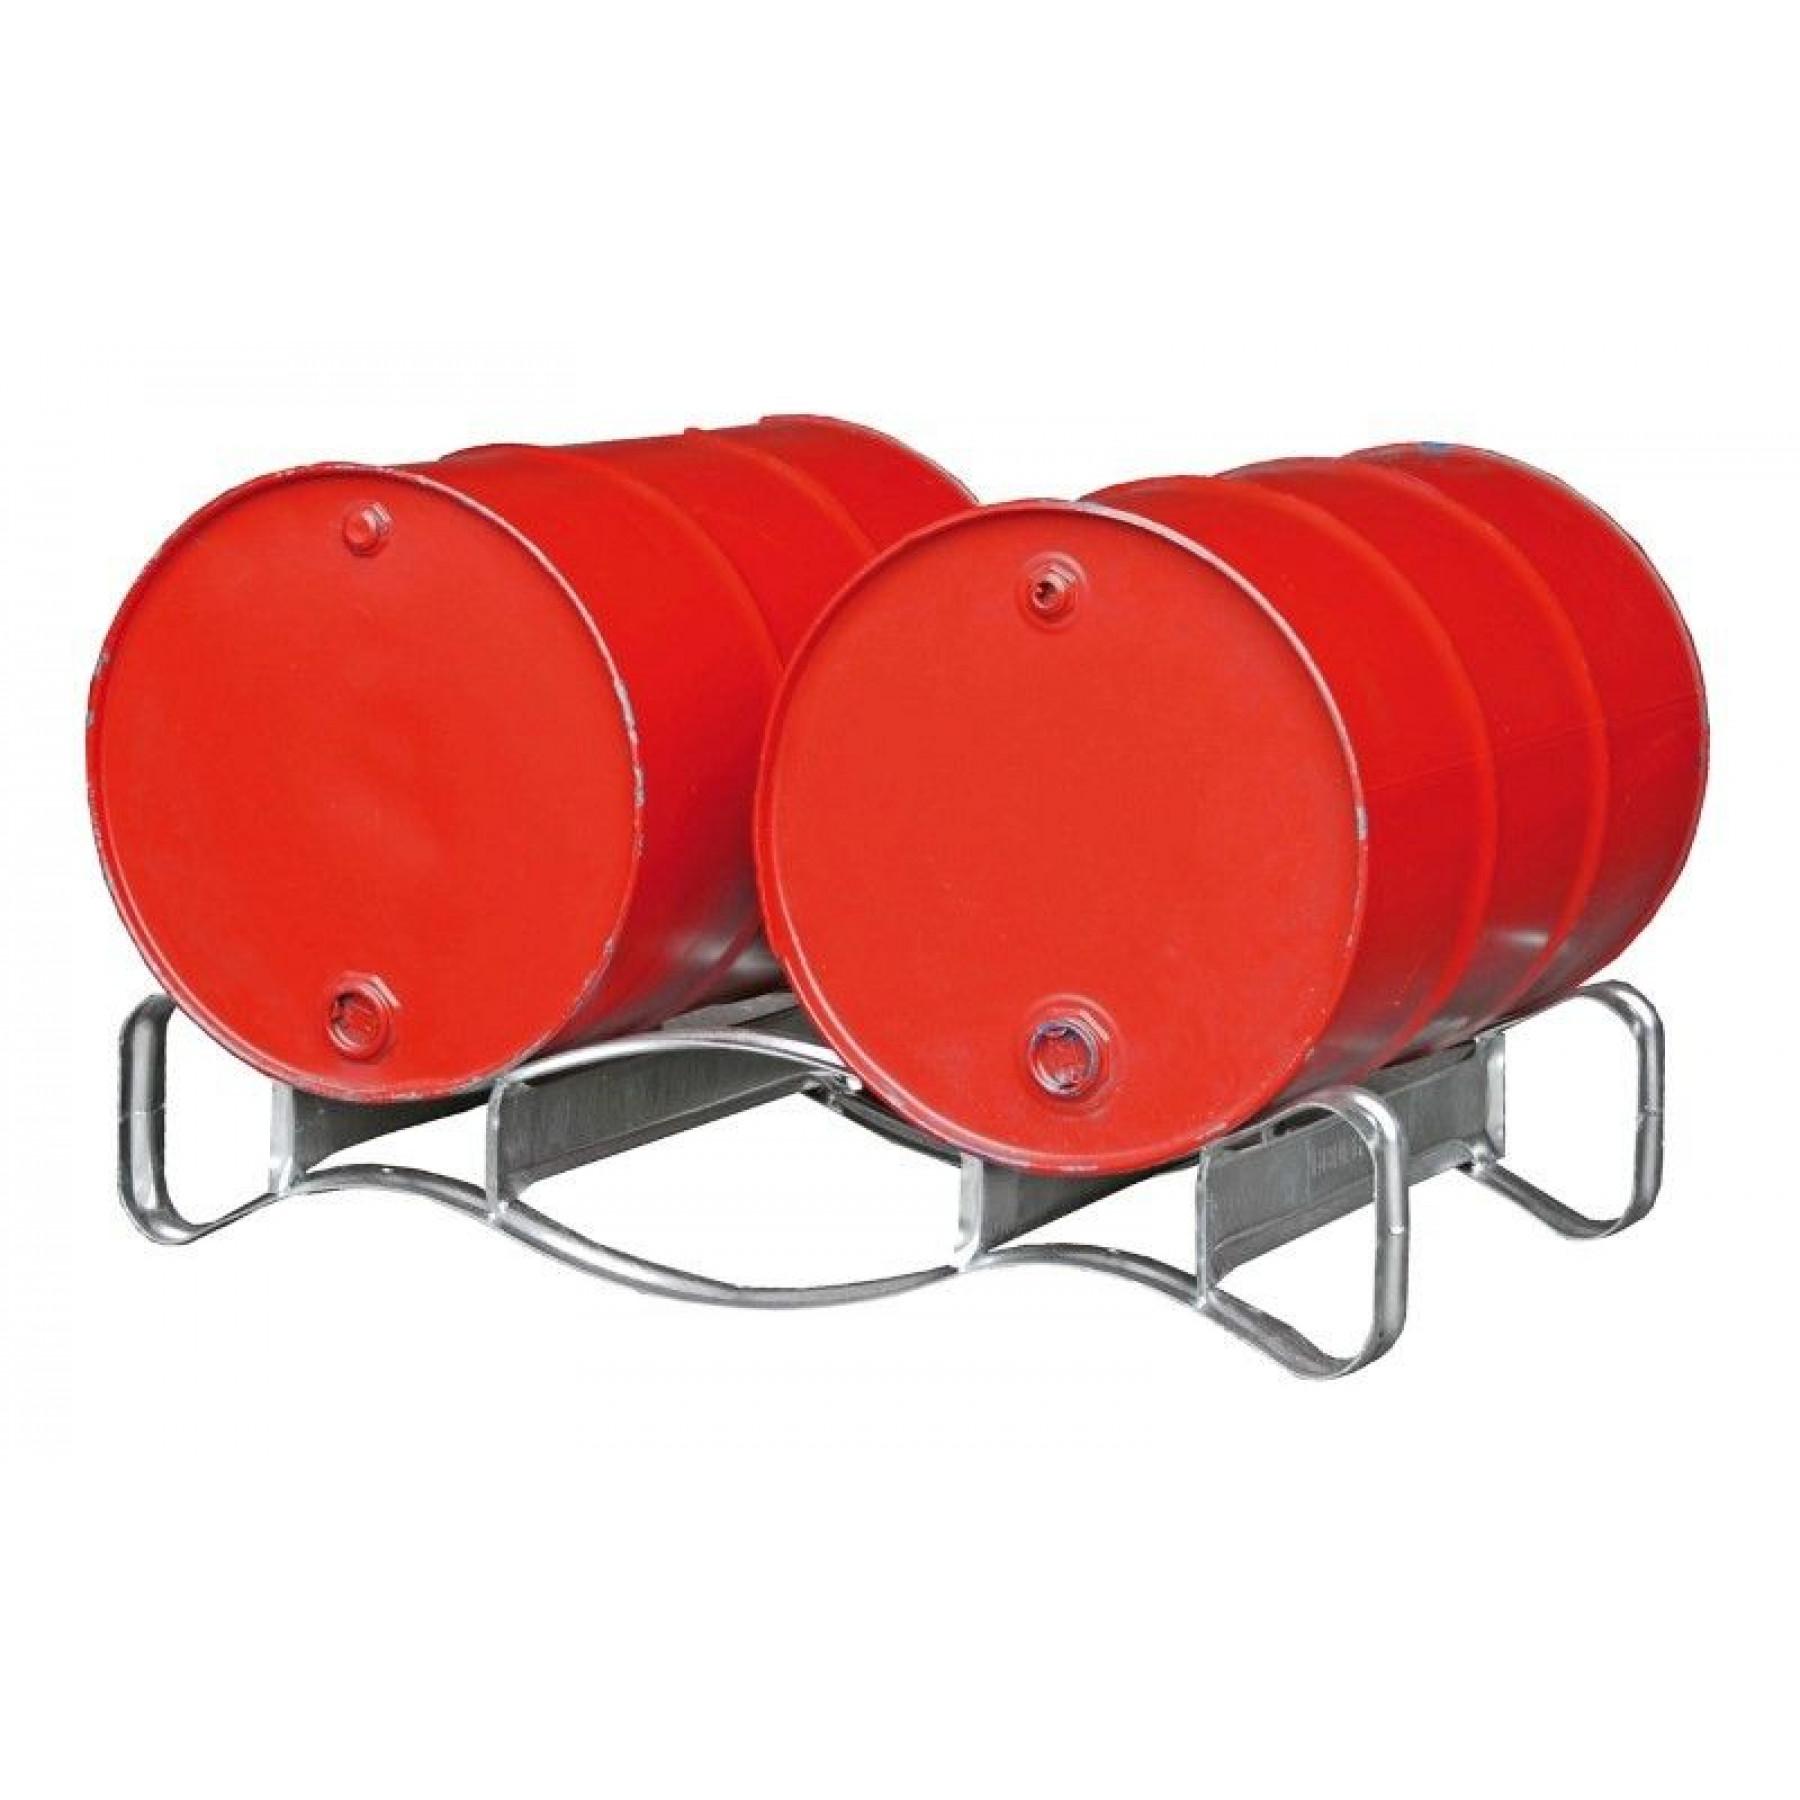 Vatenpallet voor 2 x 200 liter vaten, 70049-FP2